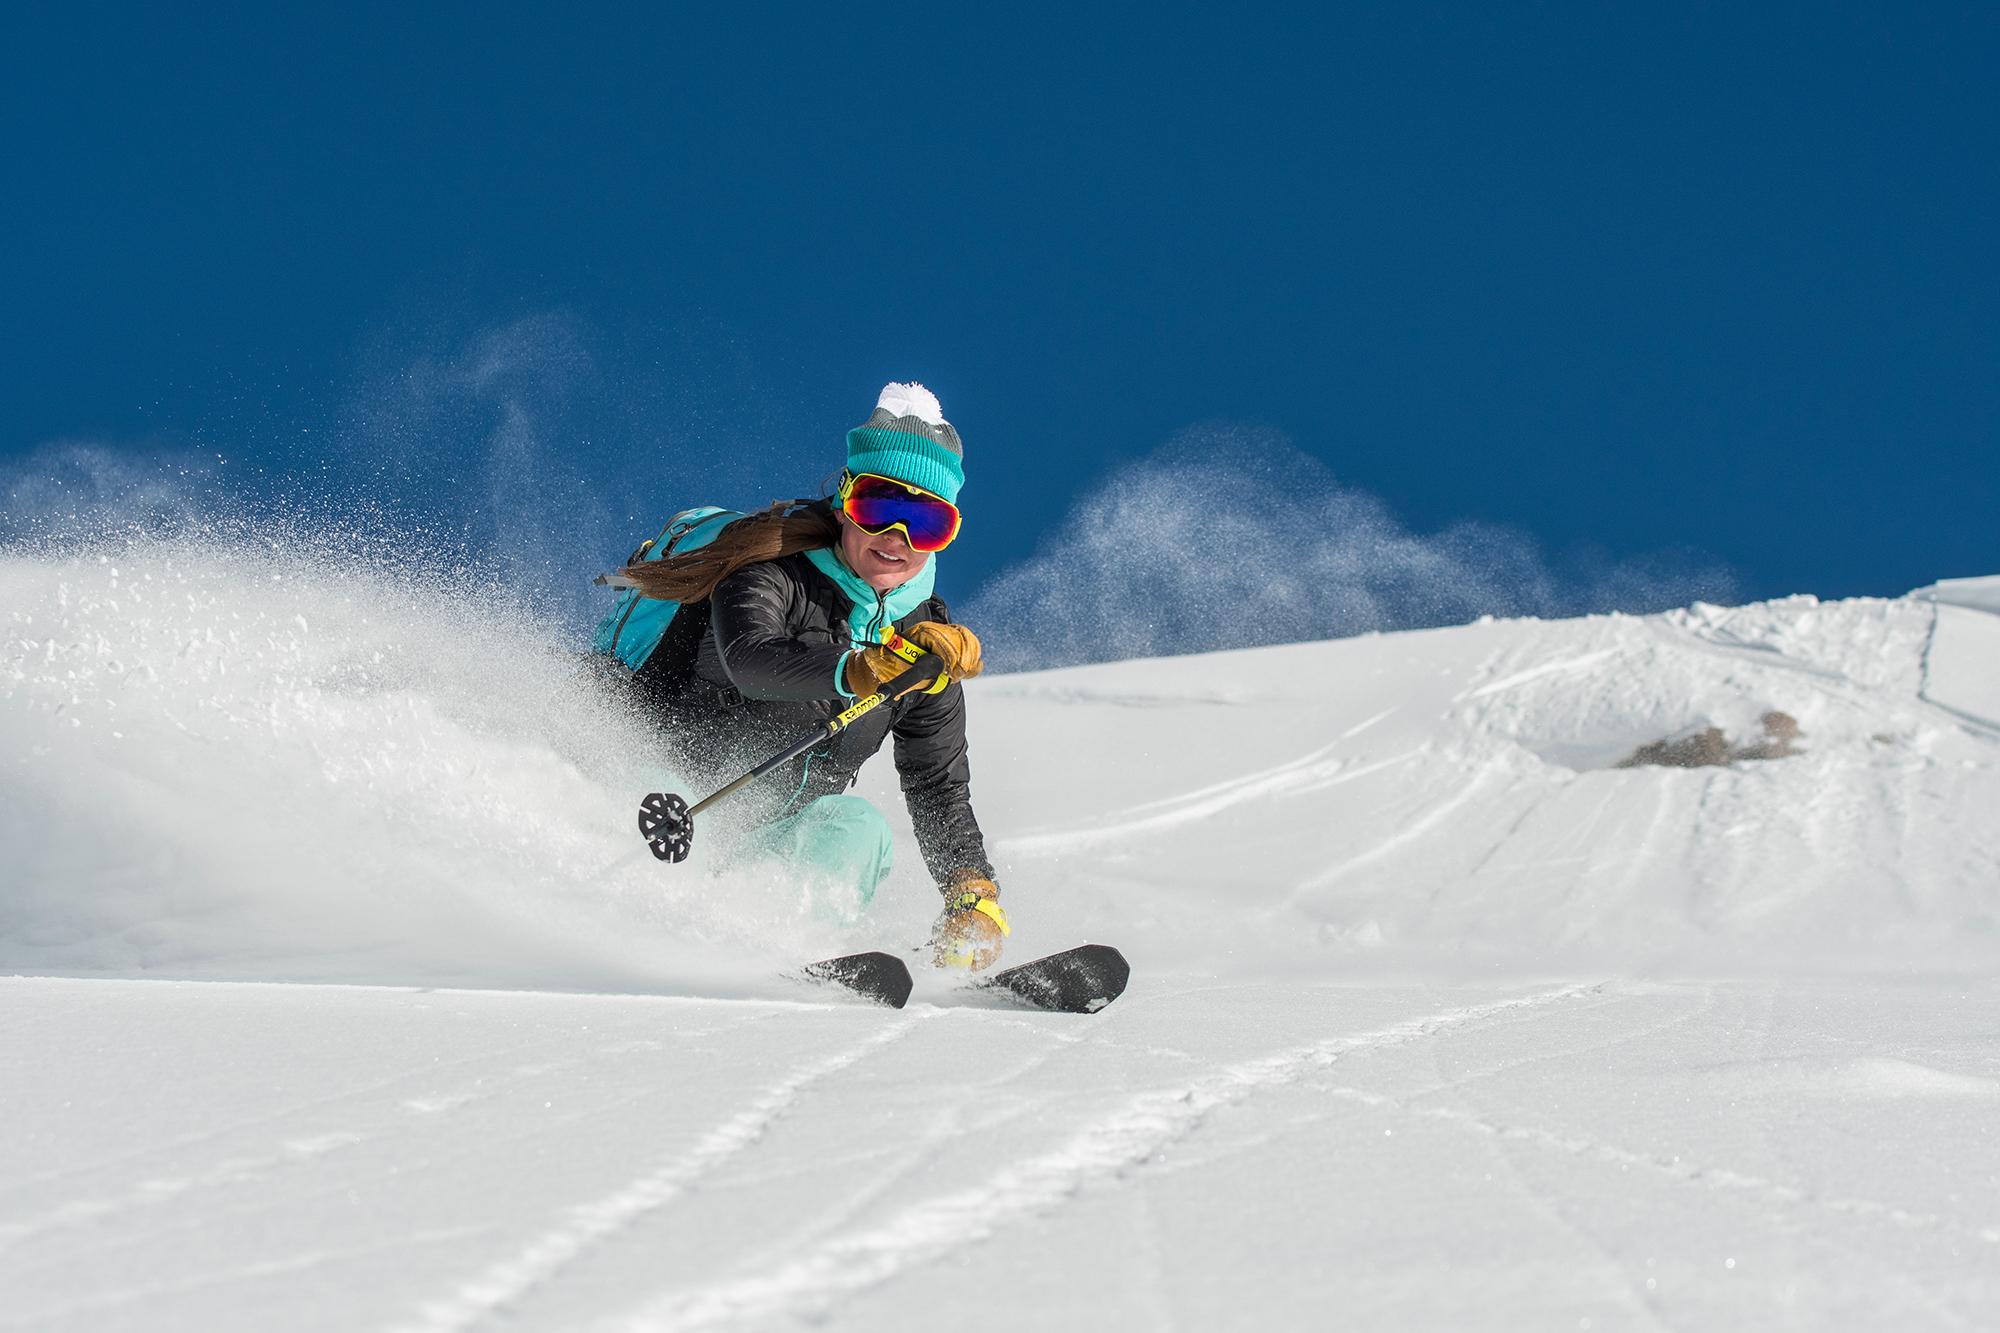 LaSportiva_Ski_4.jpg